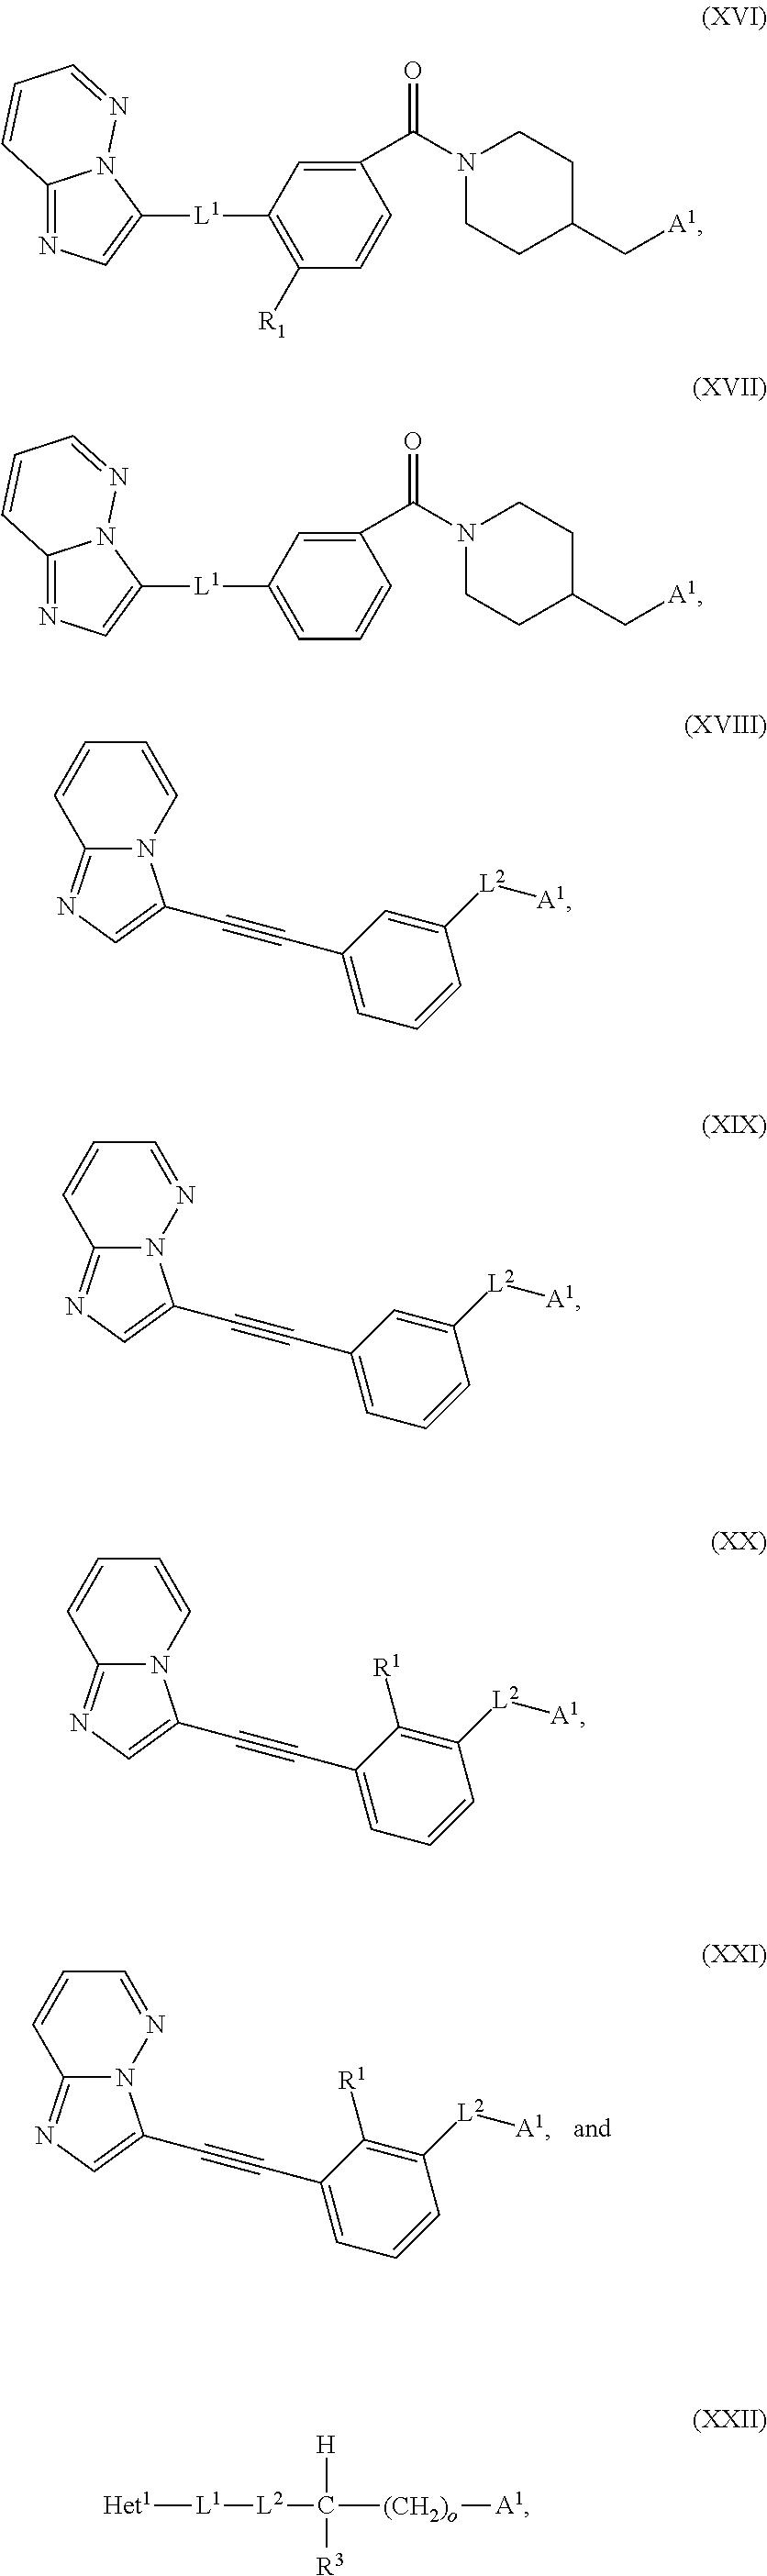 Figure US09725452-20170808-C00027